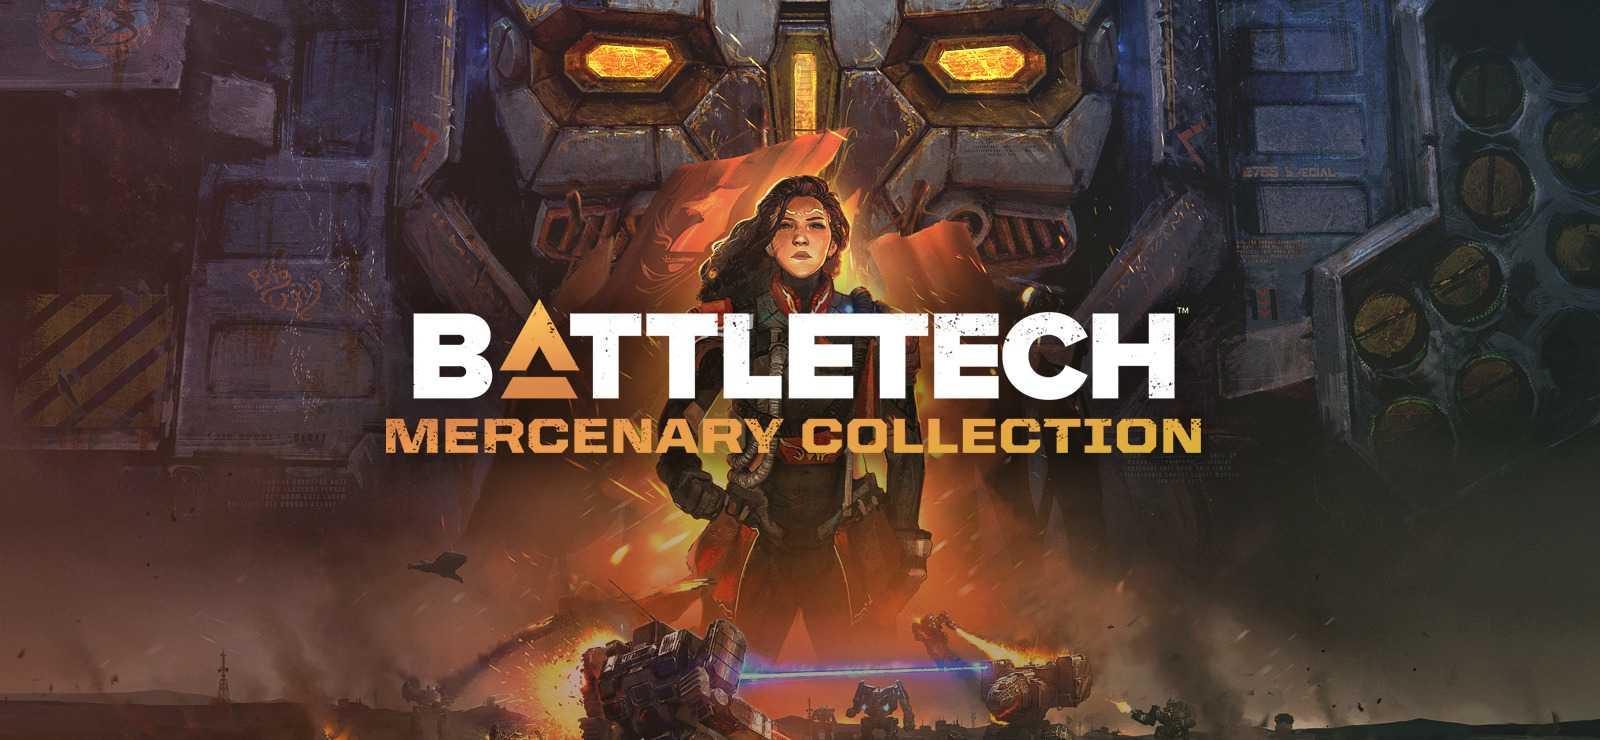 BATTLETECH - Mercenary Collection